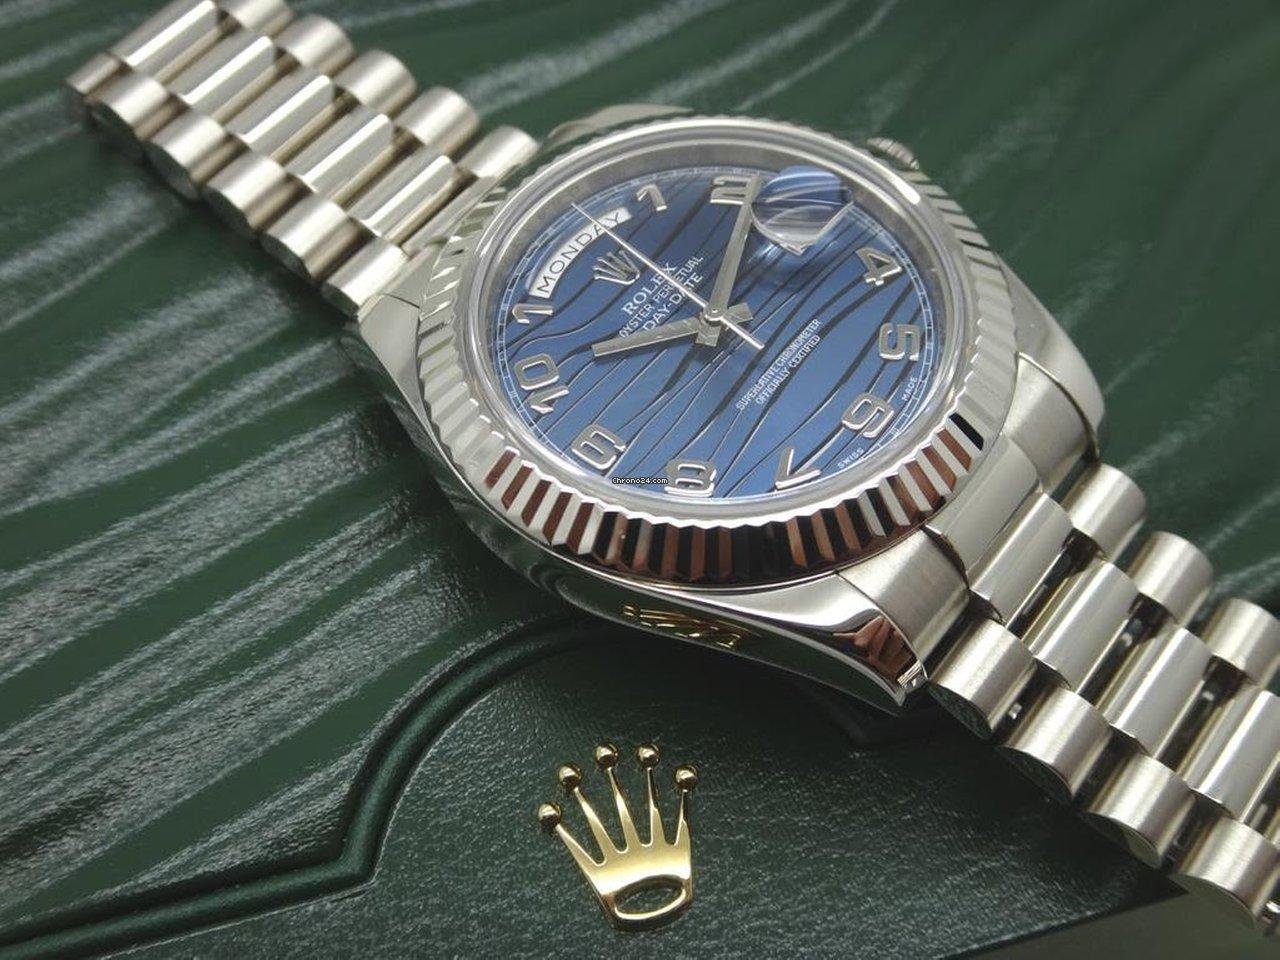 Rolex (ロレックス) デイデイト II 218239 blwap 新品